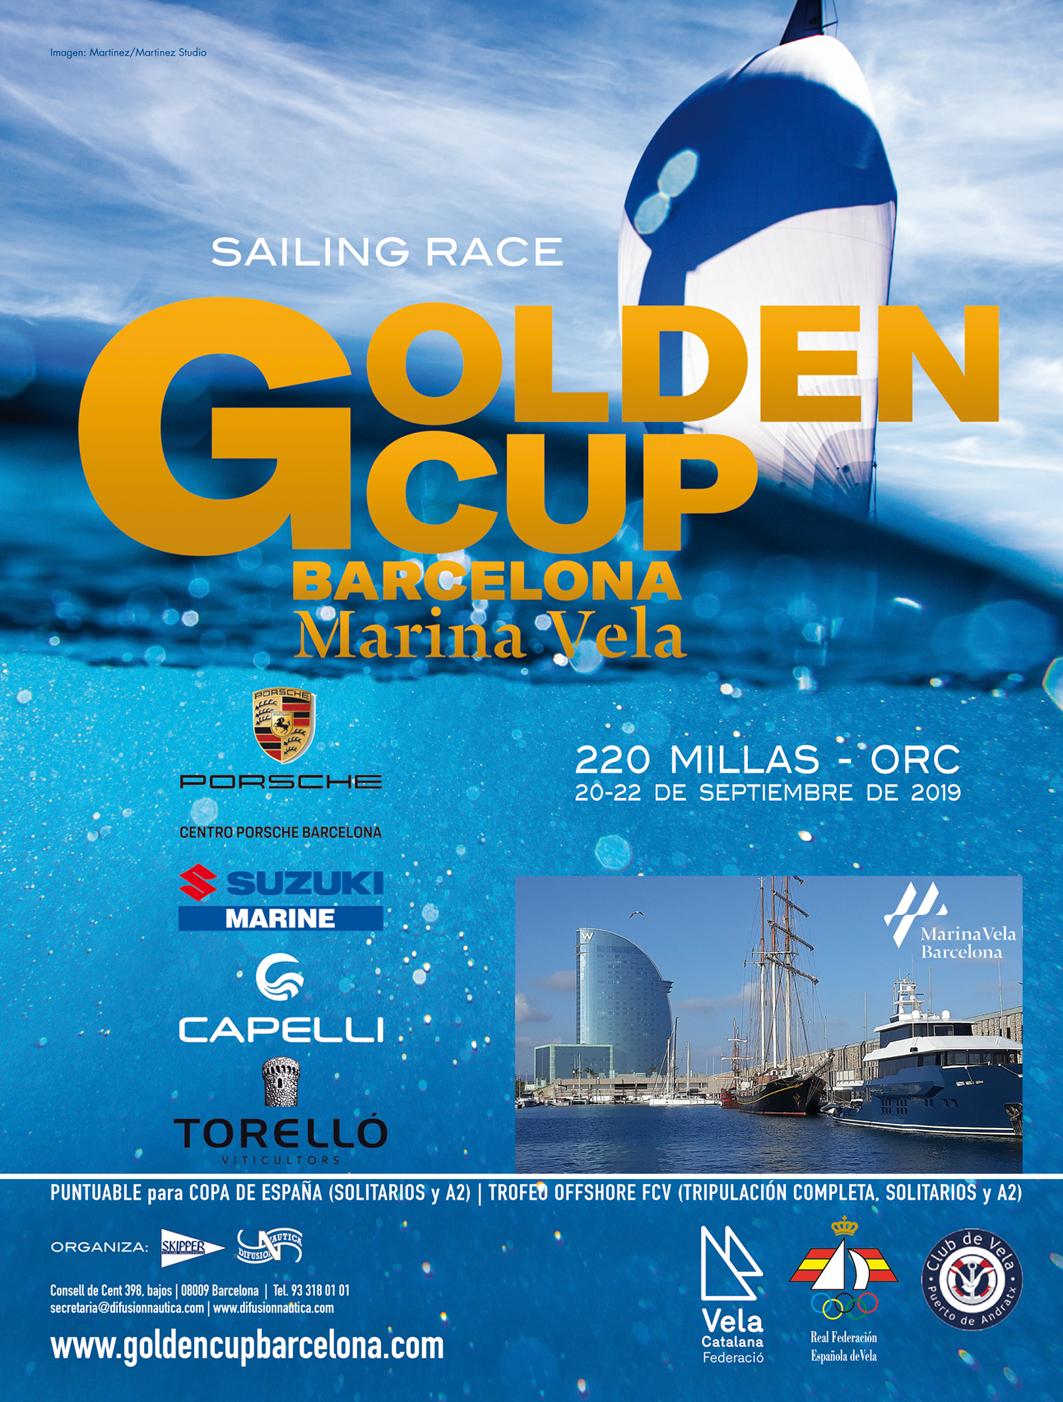 GOLDEN-CUP TORELLO